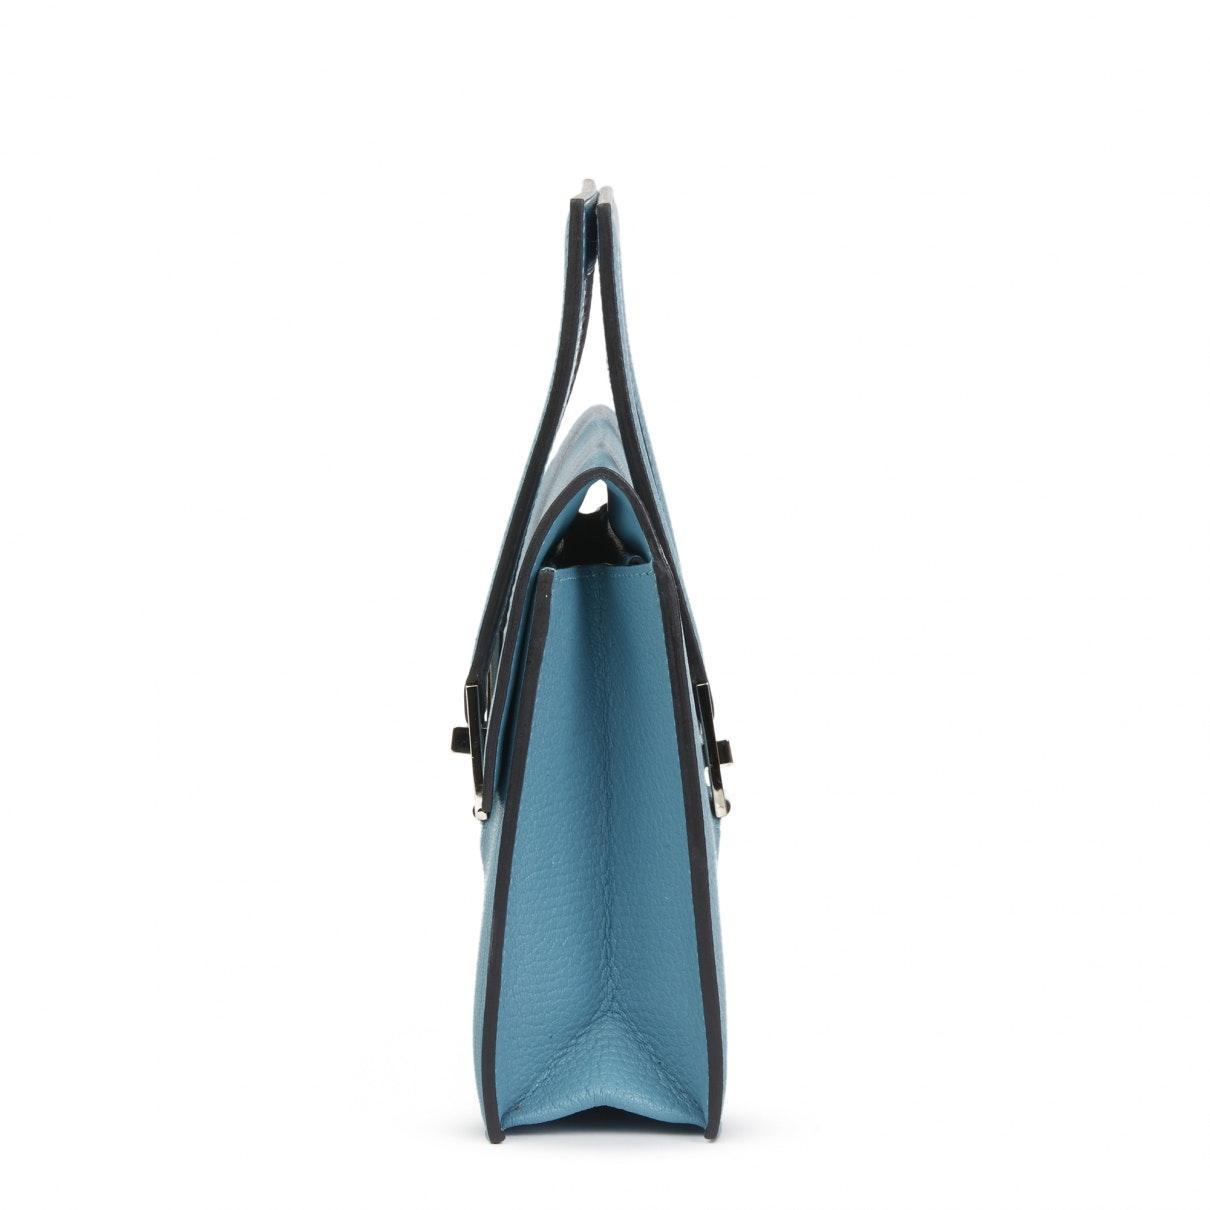 Sacs à main Hermès en coloris Bleu pv7k